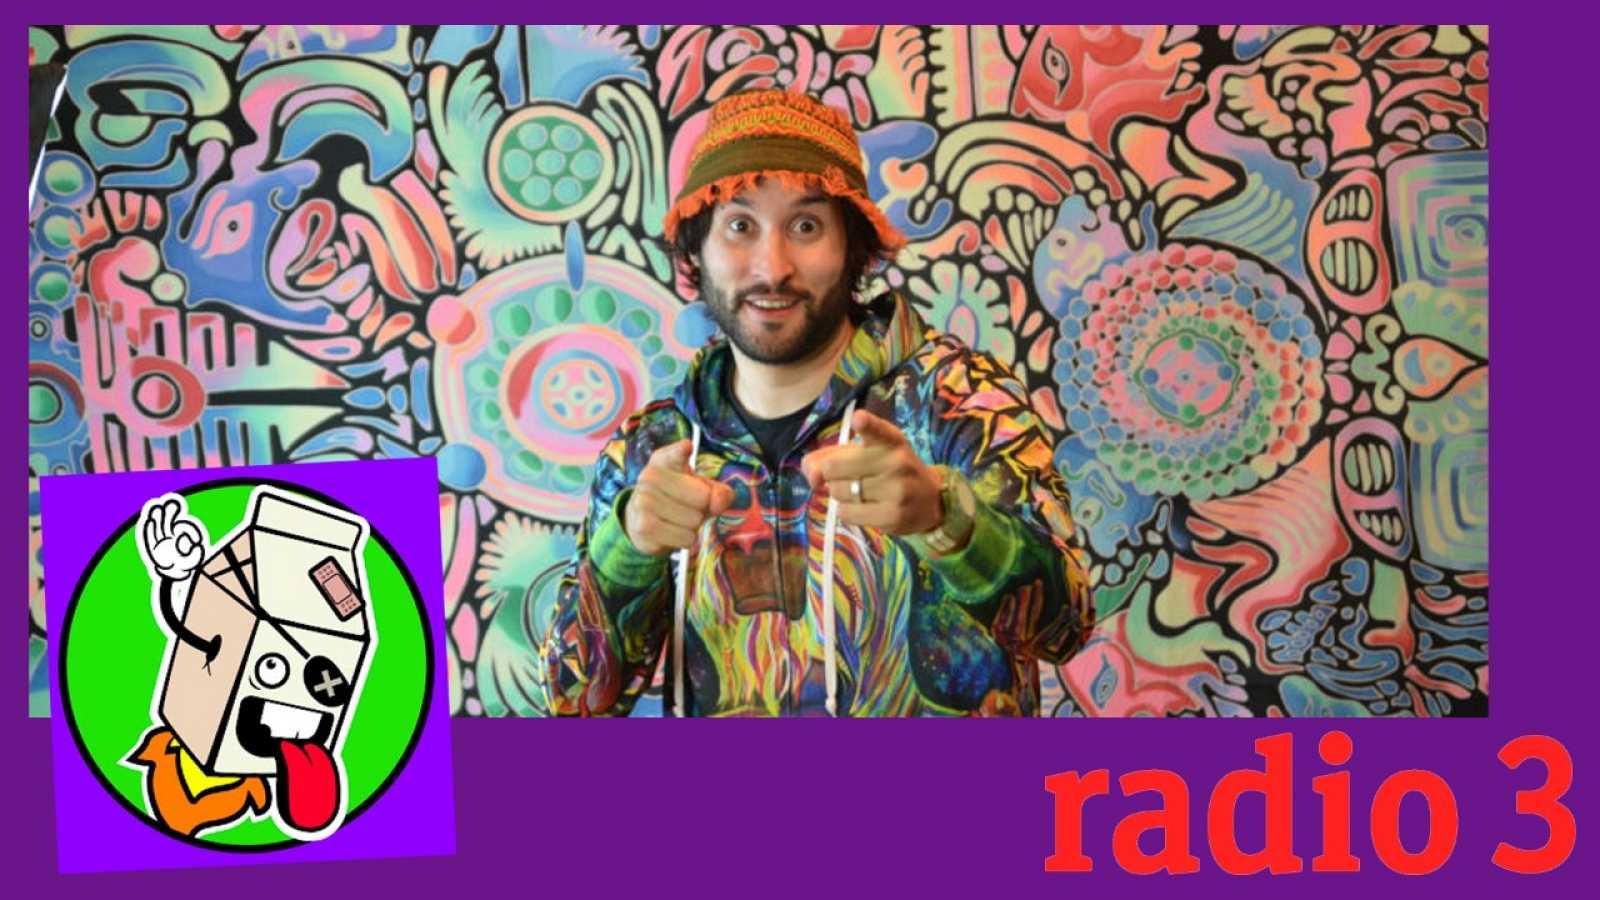 En Radio 3 - Rubén González, Lechero Fett - 27/02/21 - escuchar ahora